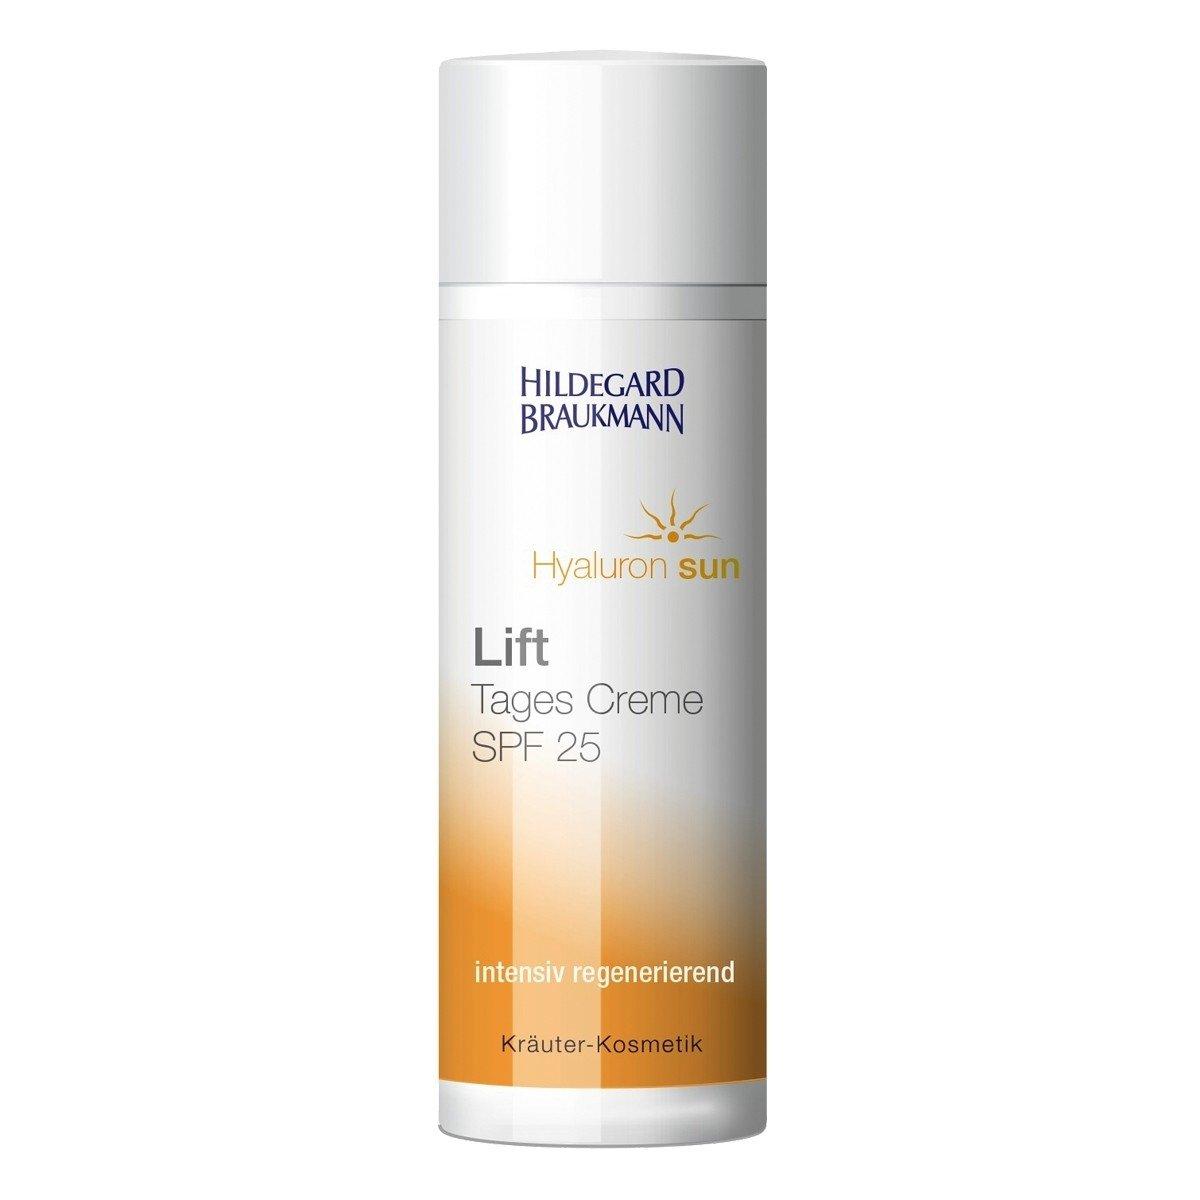 Hildegard Braukmann Hyaluron Sun Lift Tages Creme Lichtschutzfaktor 25, 1er Pack (1 x 50 ml) 4016083003674